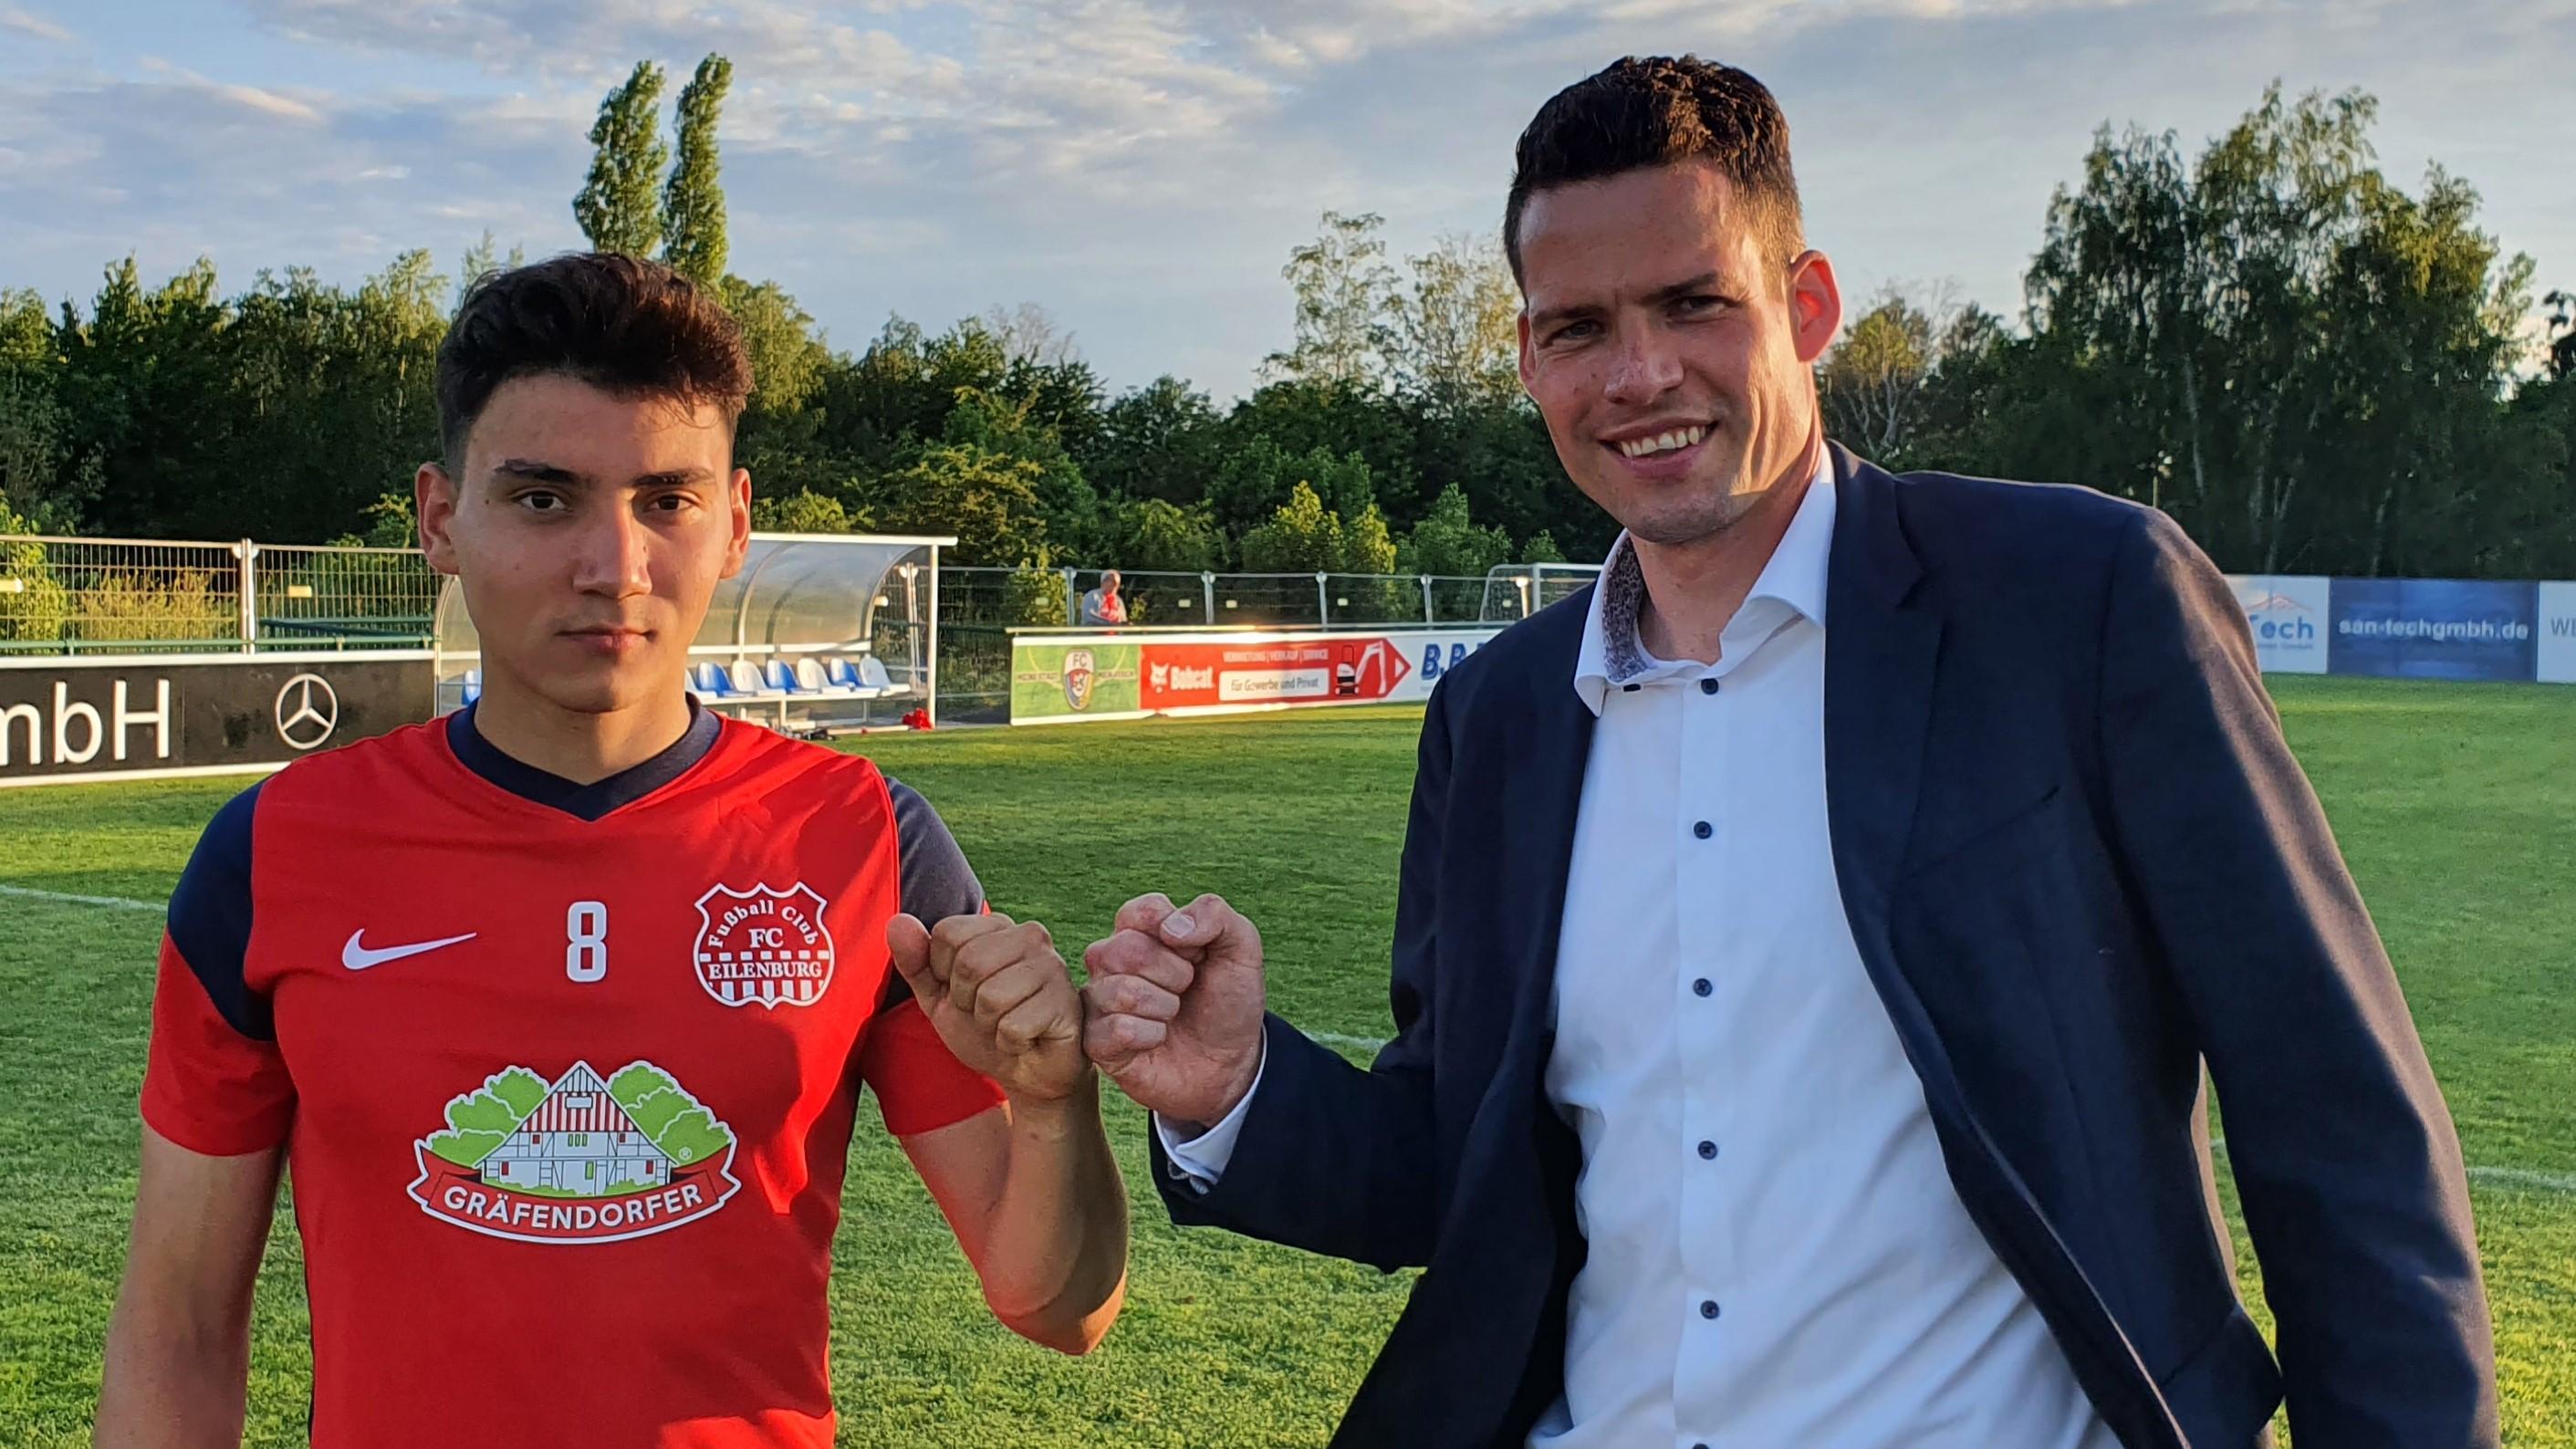 Anton Rücker kehrt zum FC Eilenburg zurück